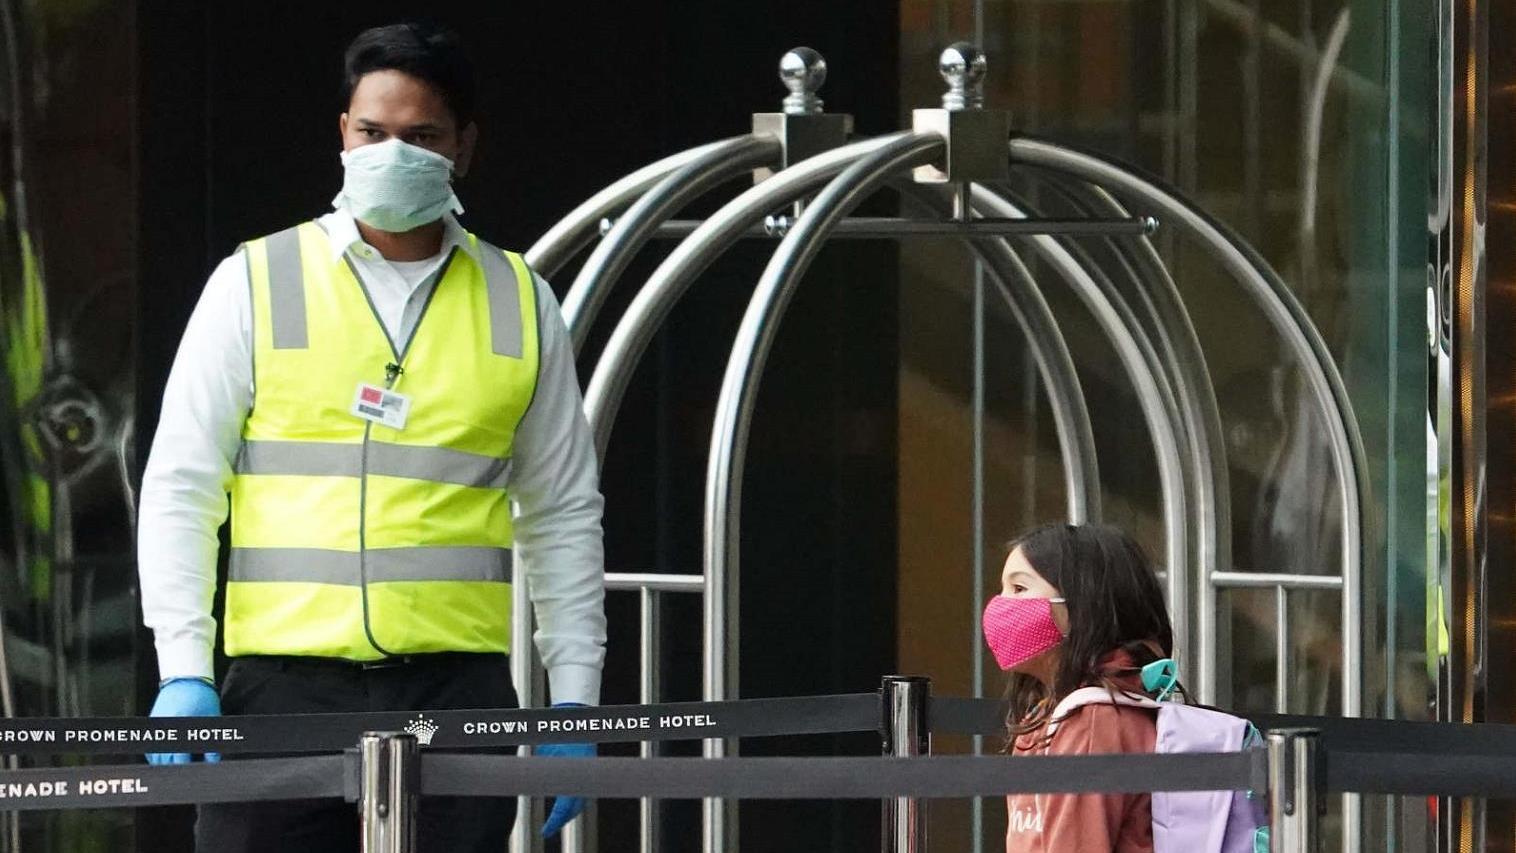 allbet登陆网址:澳大利亚维州新增33例新冠肺炎确诊病例 千余名国防军出动援助